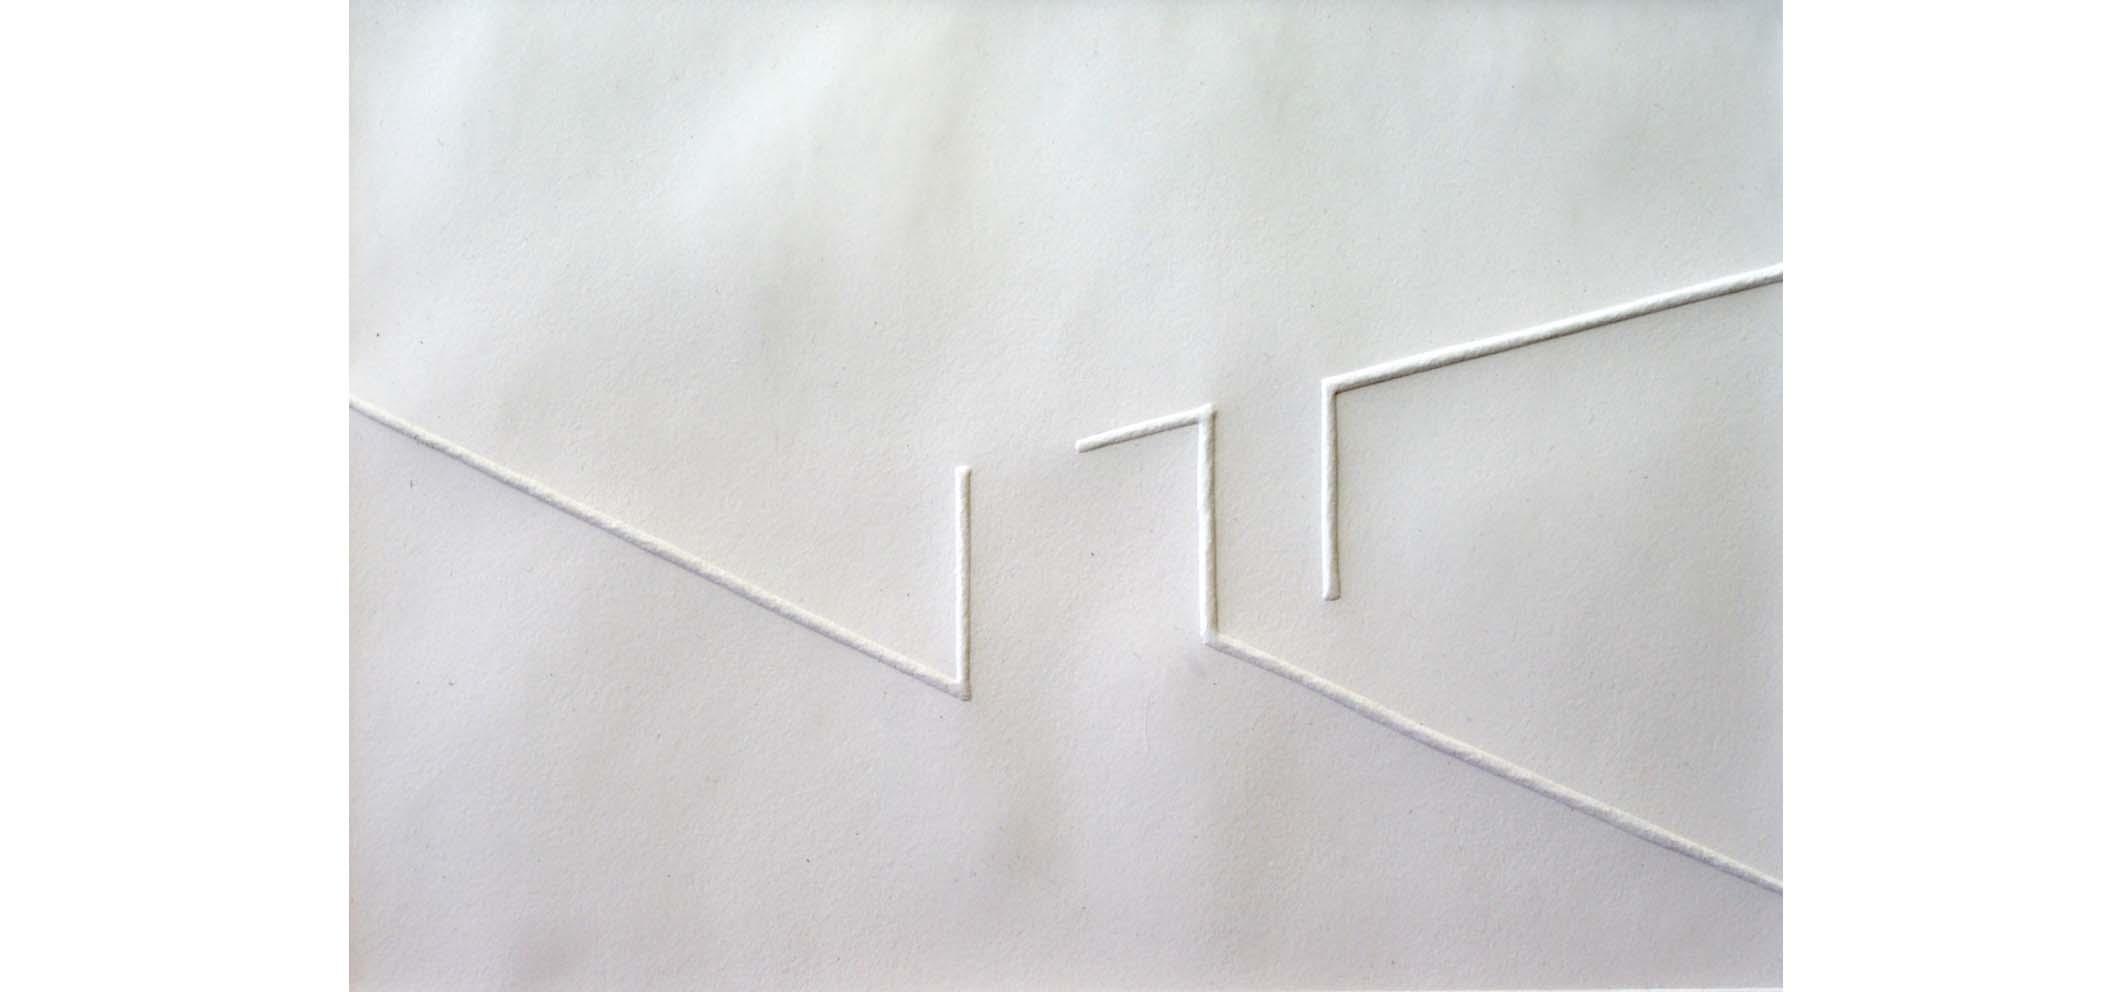 Ostia I, 2012 (blinddruk) 17cm x 24,5cm